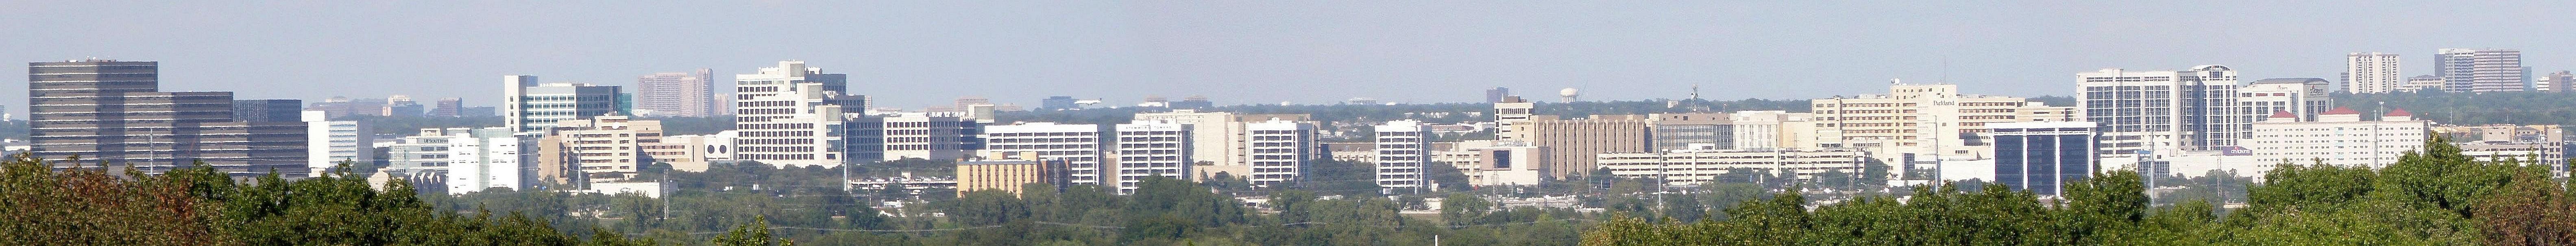 File:Dallas Medical District panorama, 10-12-10.jpg ...